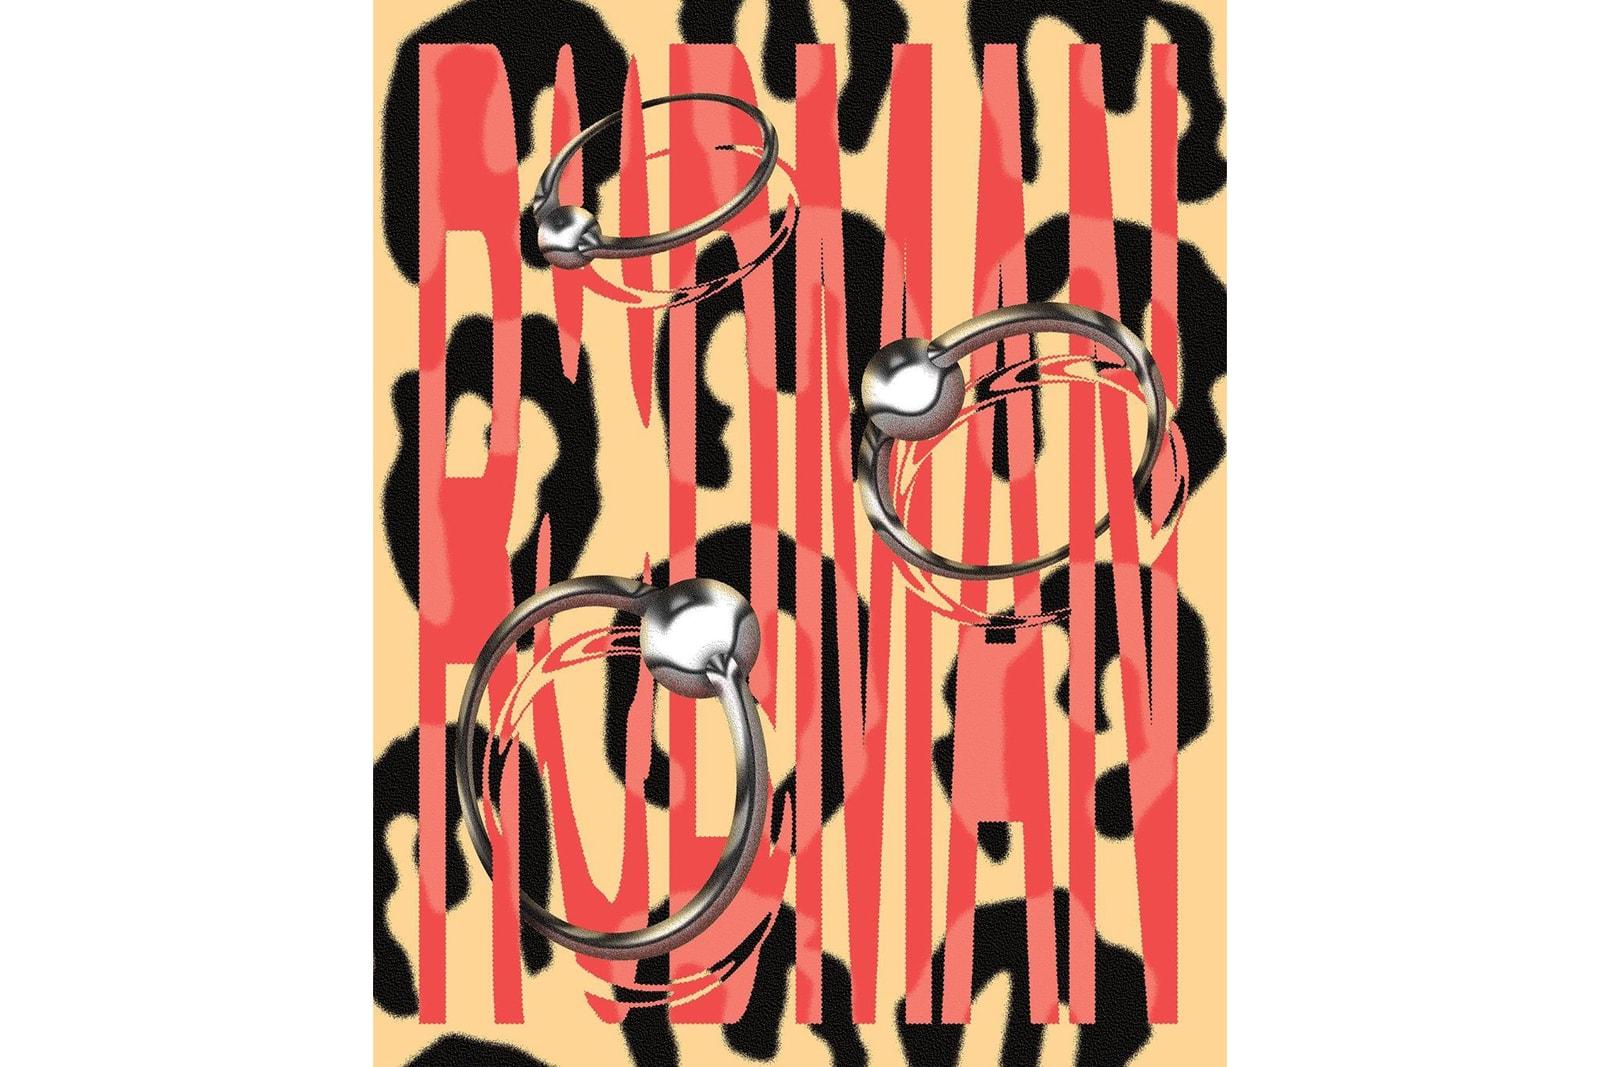 以《The Last Dance》为灵感,篮球艺术杂志《Franchise》创作 30 张平面艺术作品